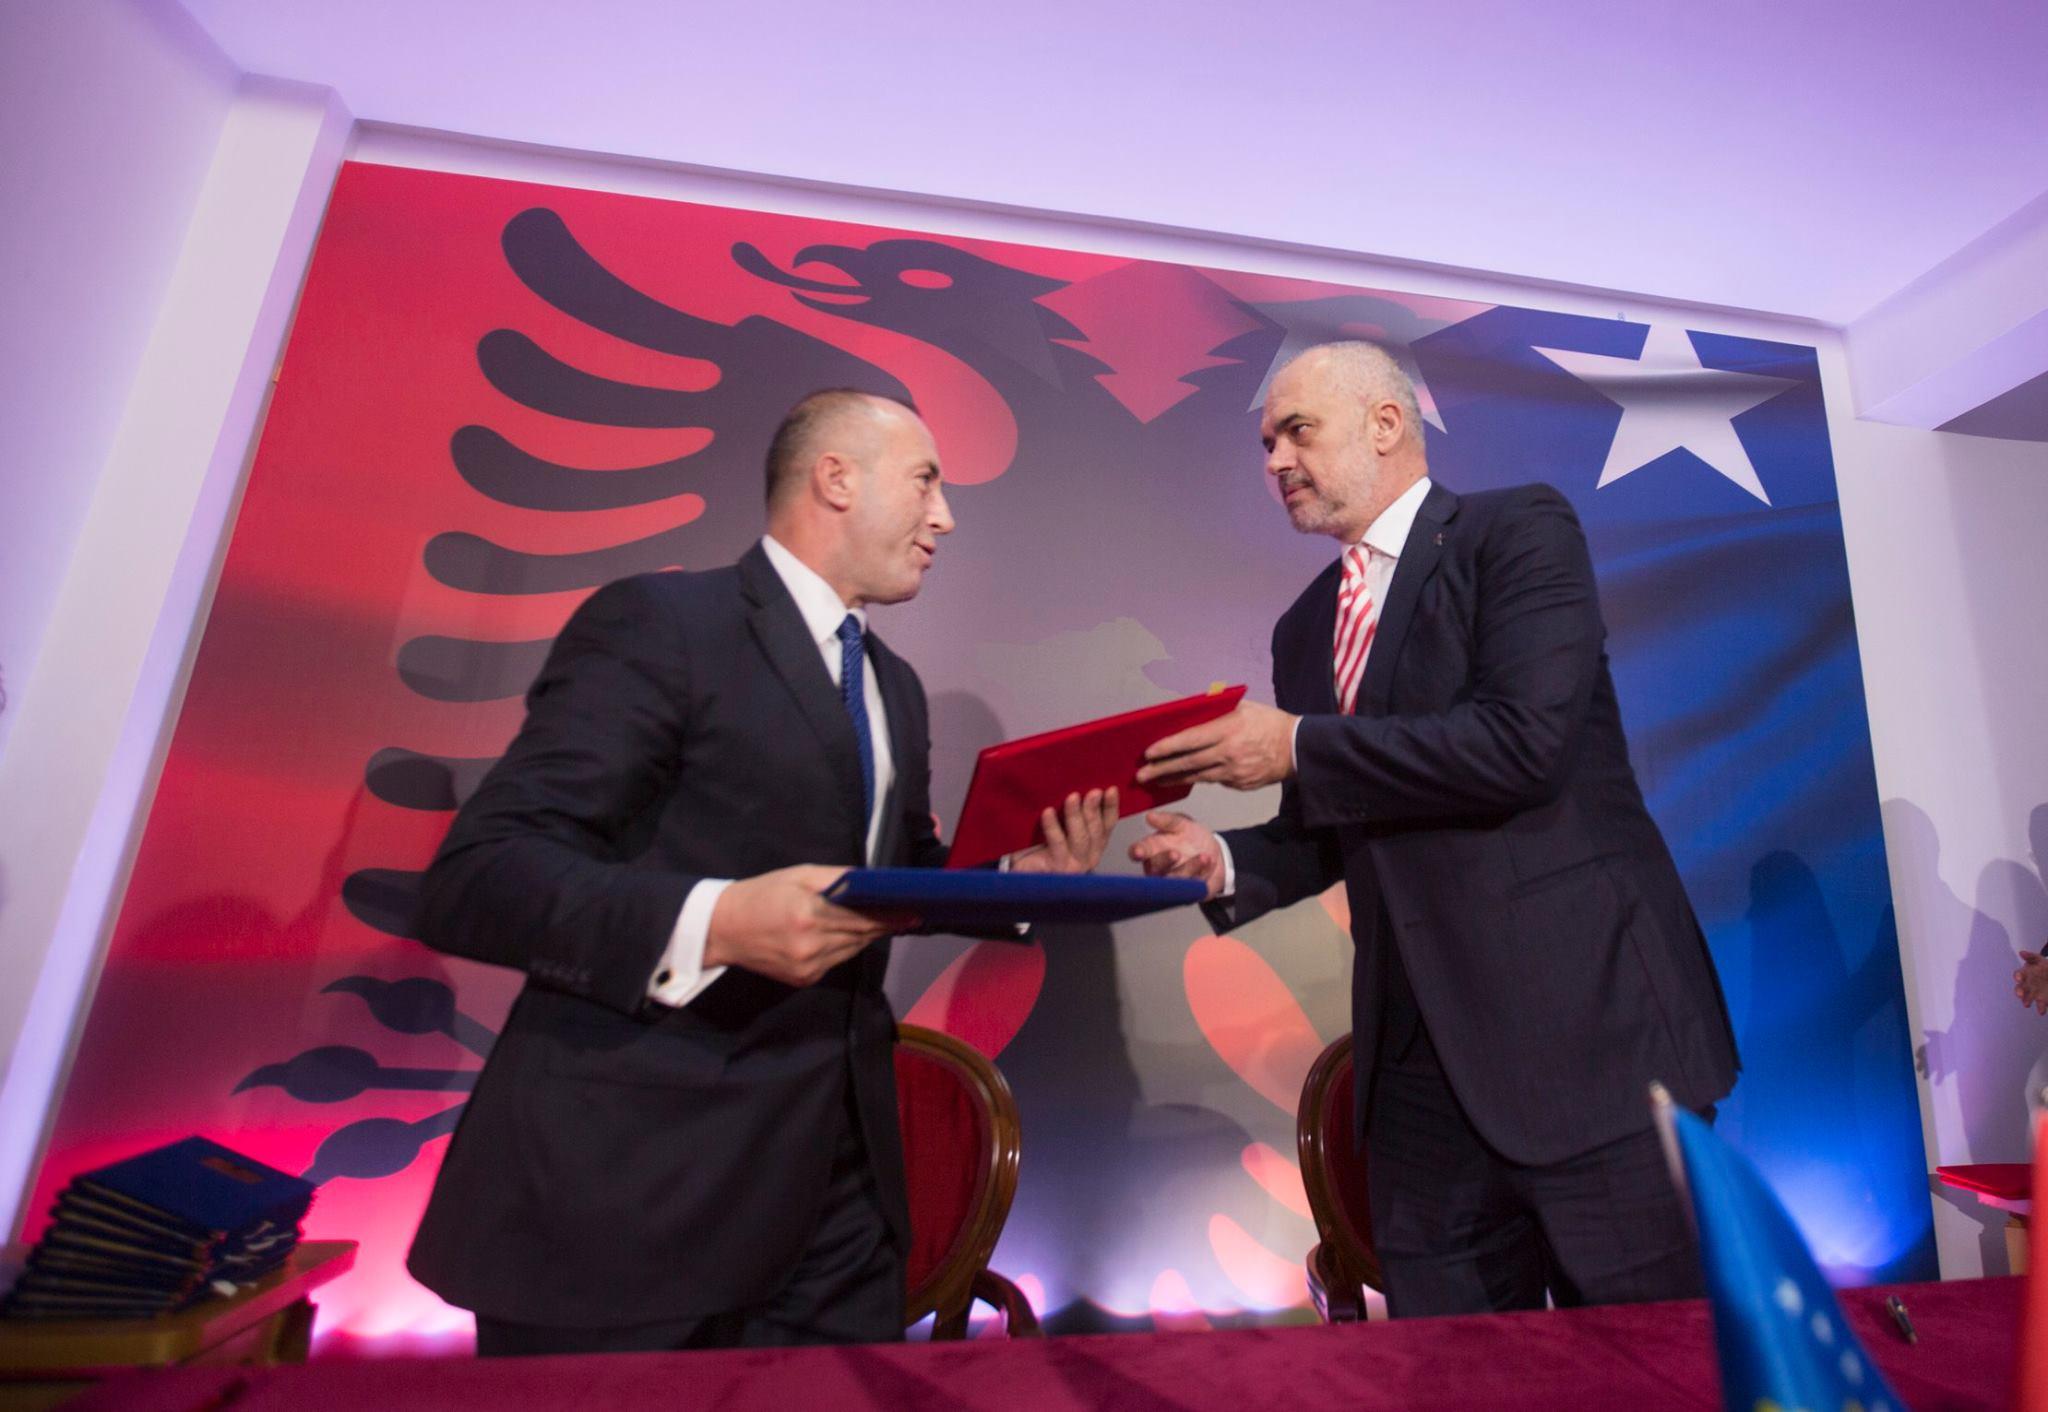 Kosovë-Shqipëri, shumë politikë por pak ekonomi